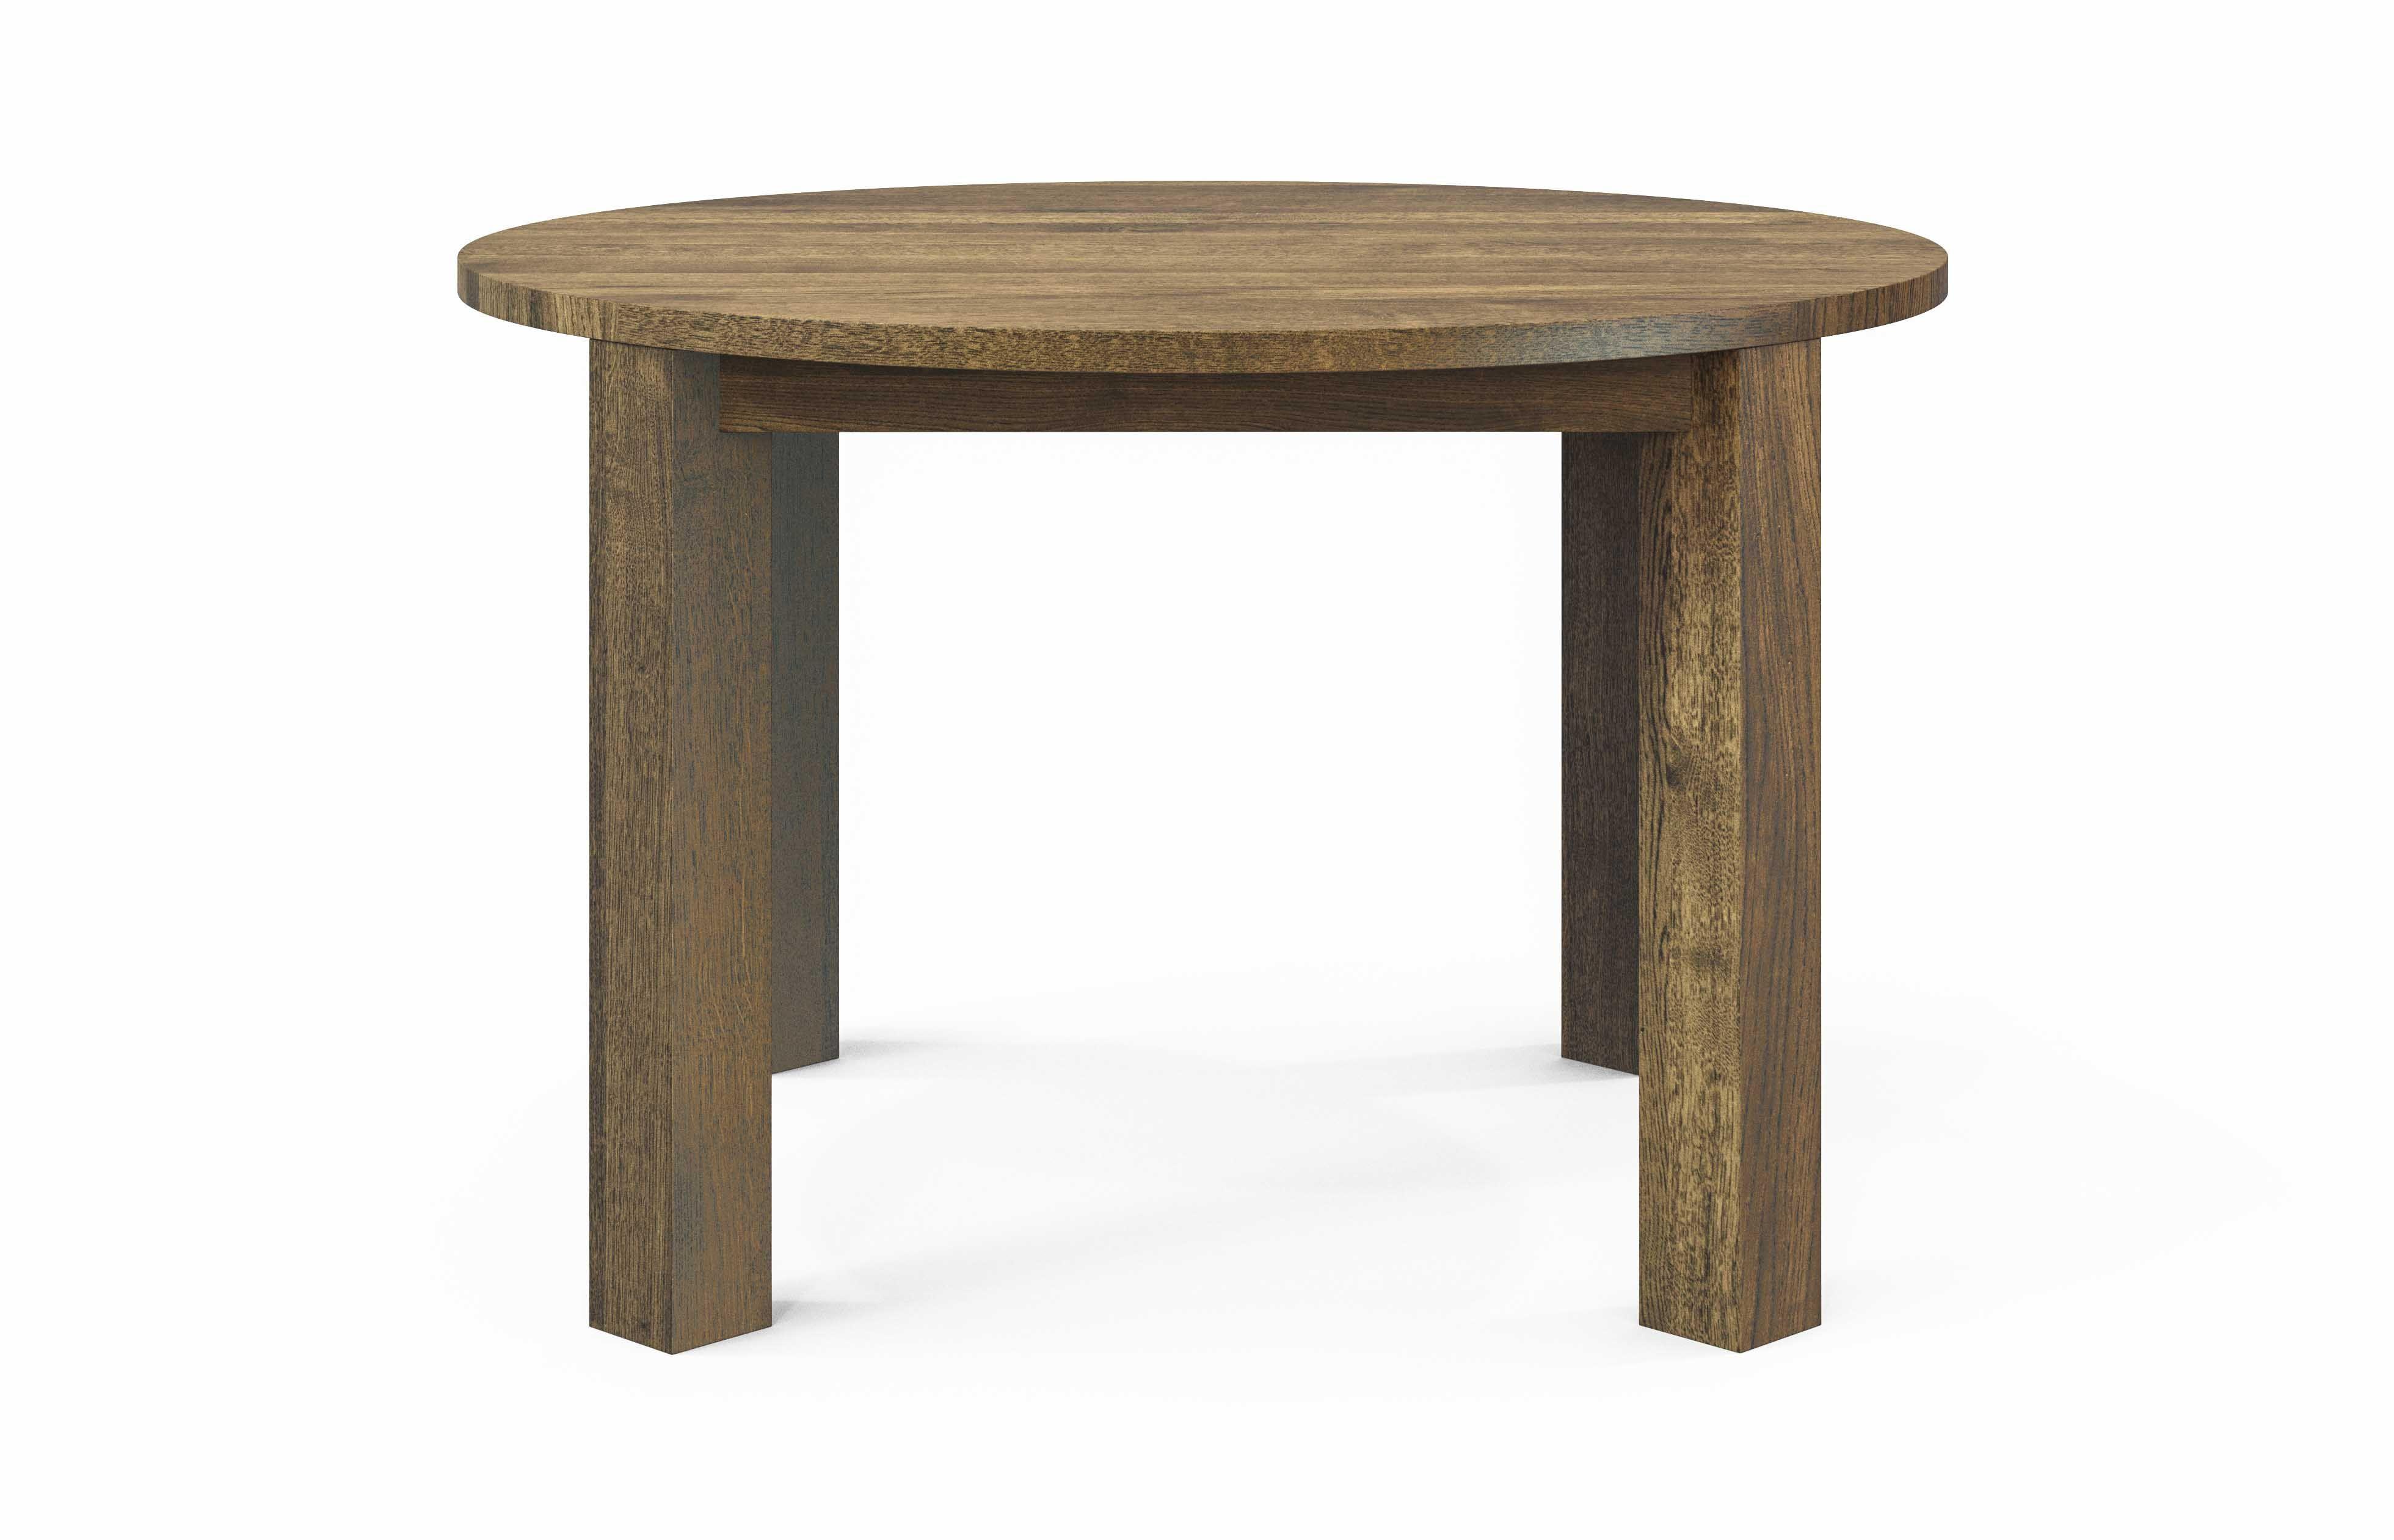 Otto küchentisch ~ Unser runder esstisch otto aus eichenholz finden sie im comnata